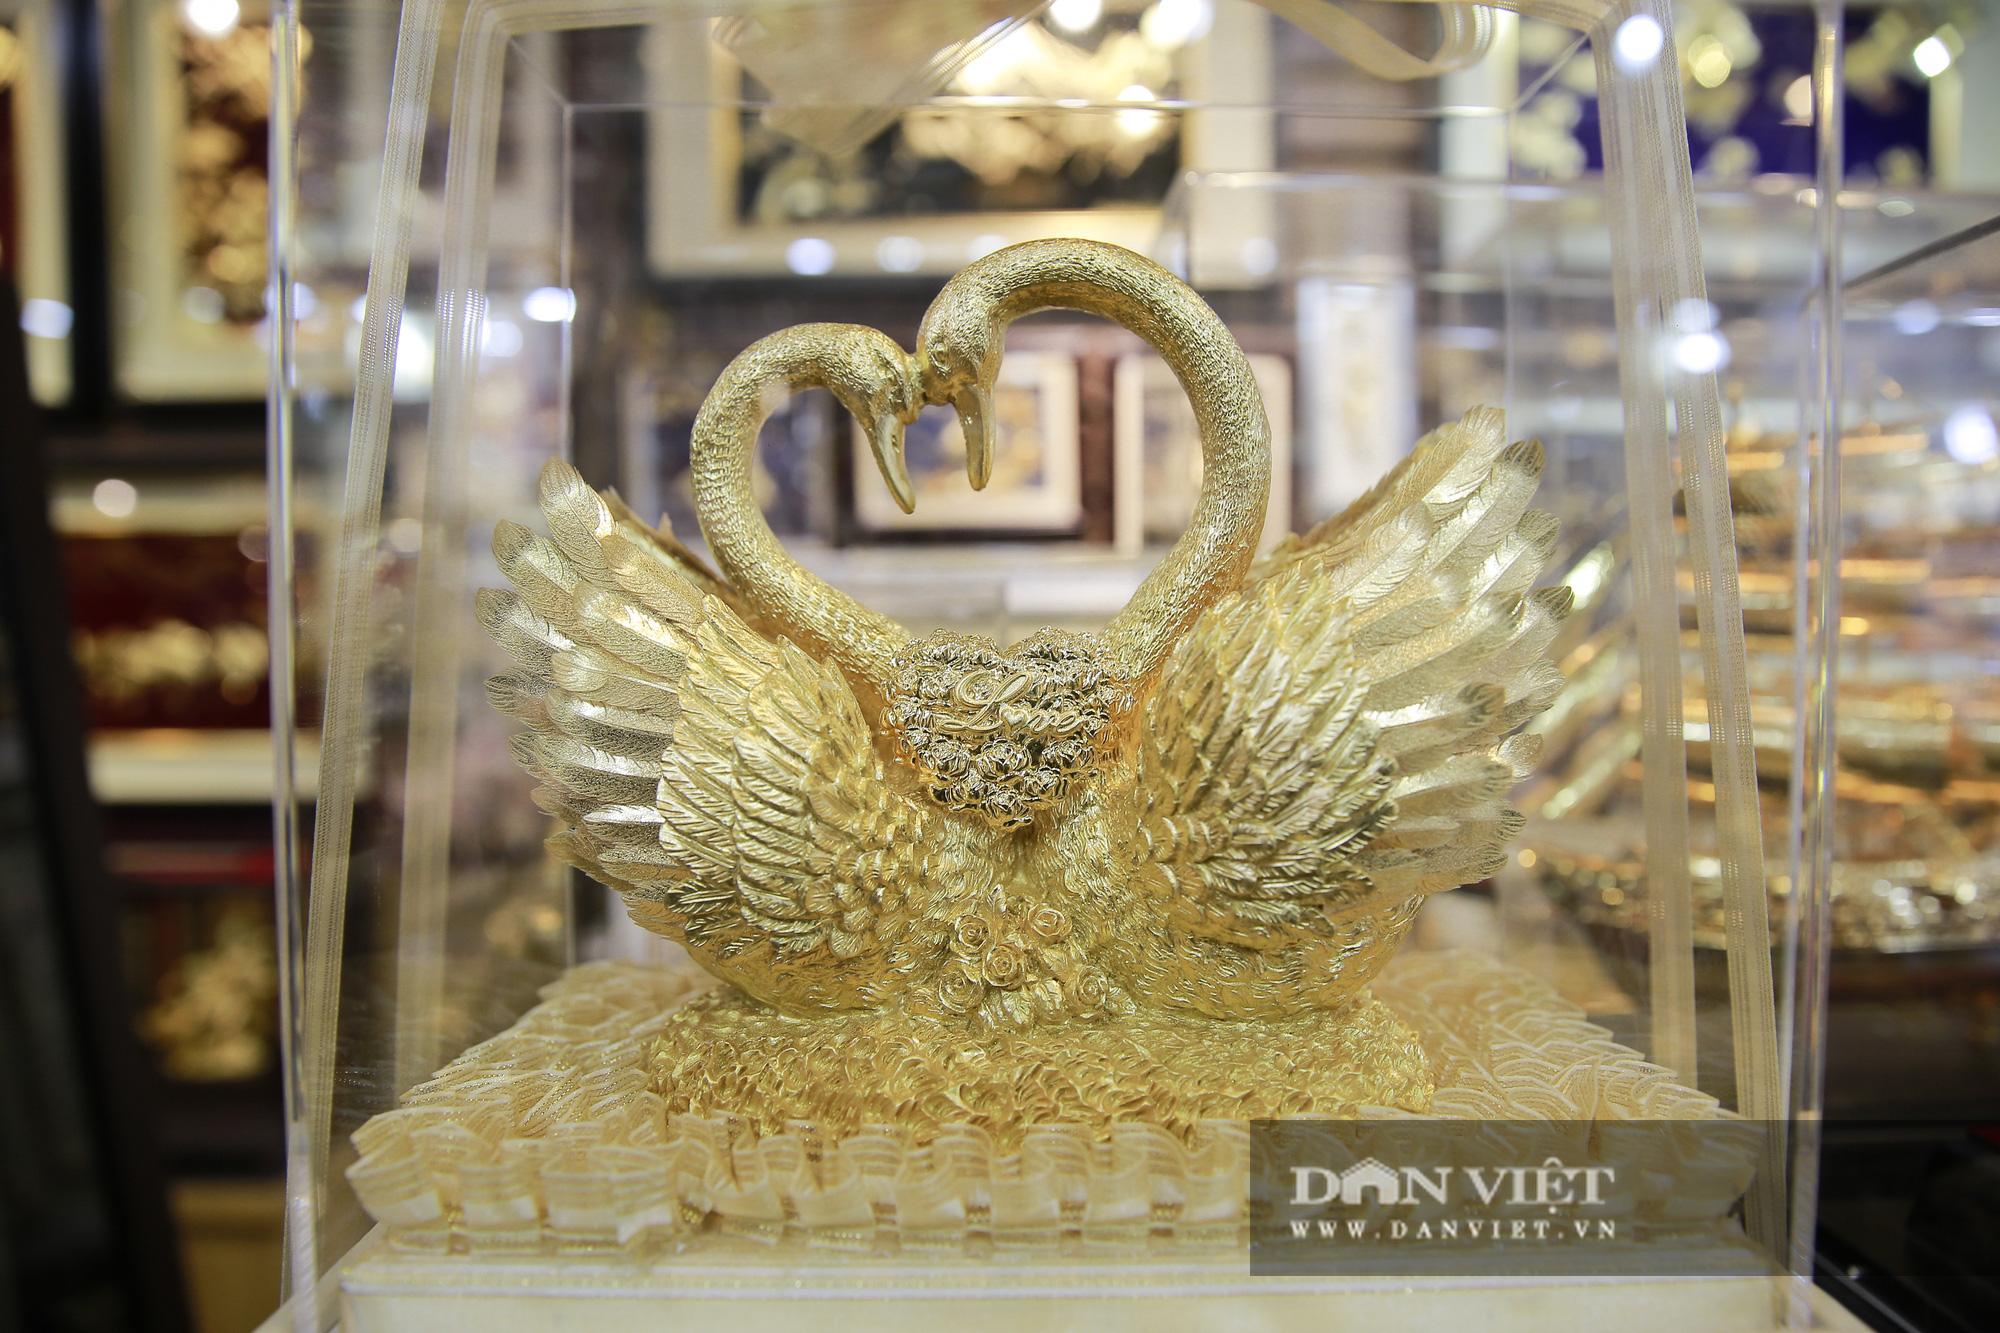 Thị trường quà tặng 8/3: Hoa, tranh, khuy cài áo mạ vàng cực đắt lên ngôi - Ảnh 12.